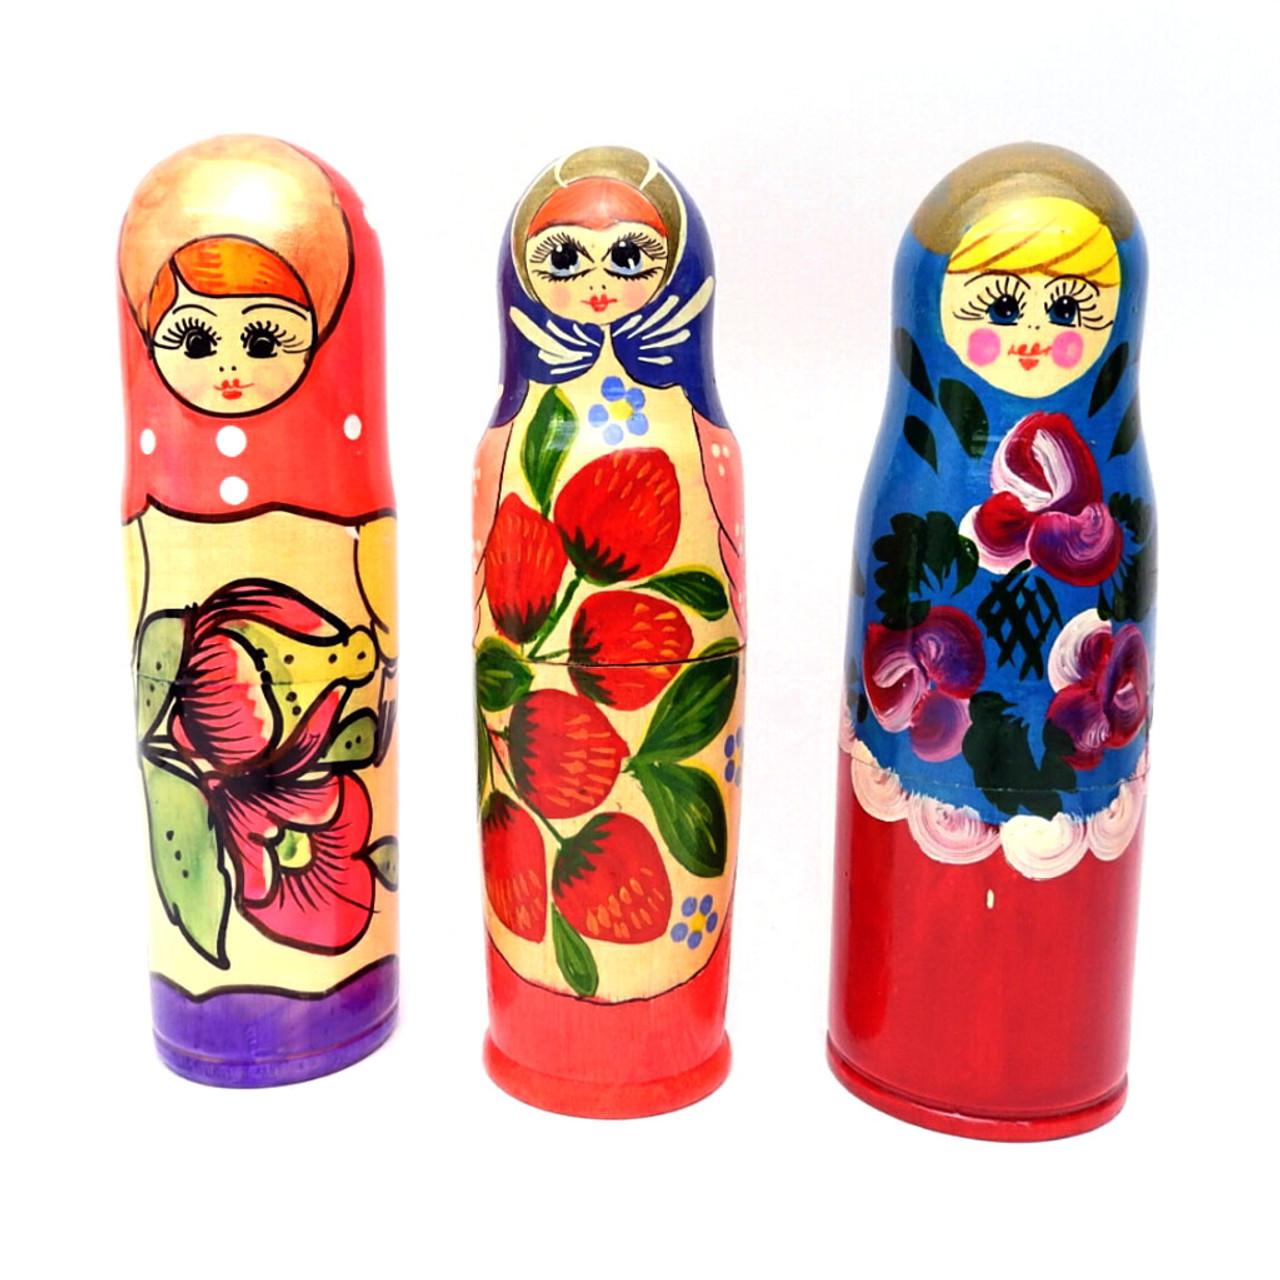 Polkhovsky Maidan Bottle Holders